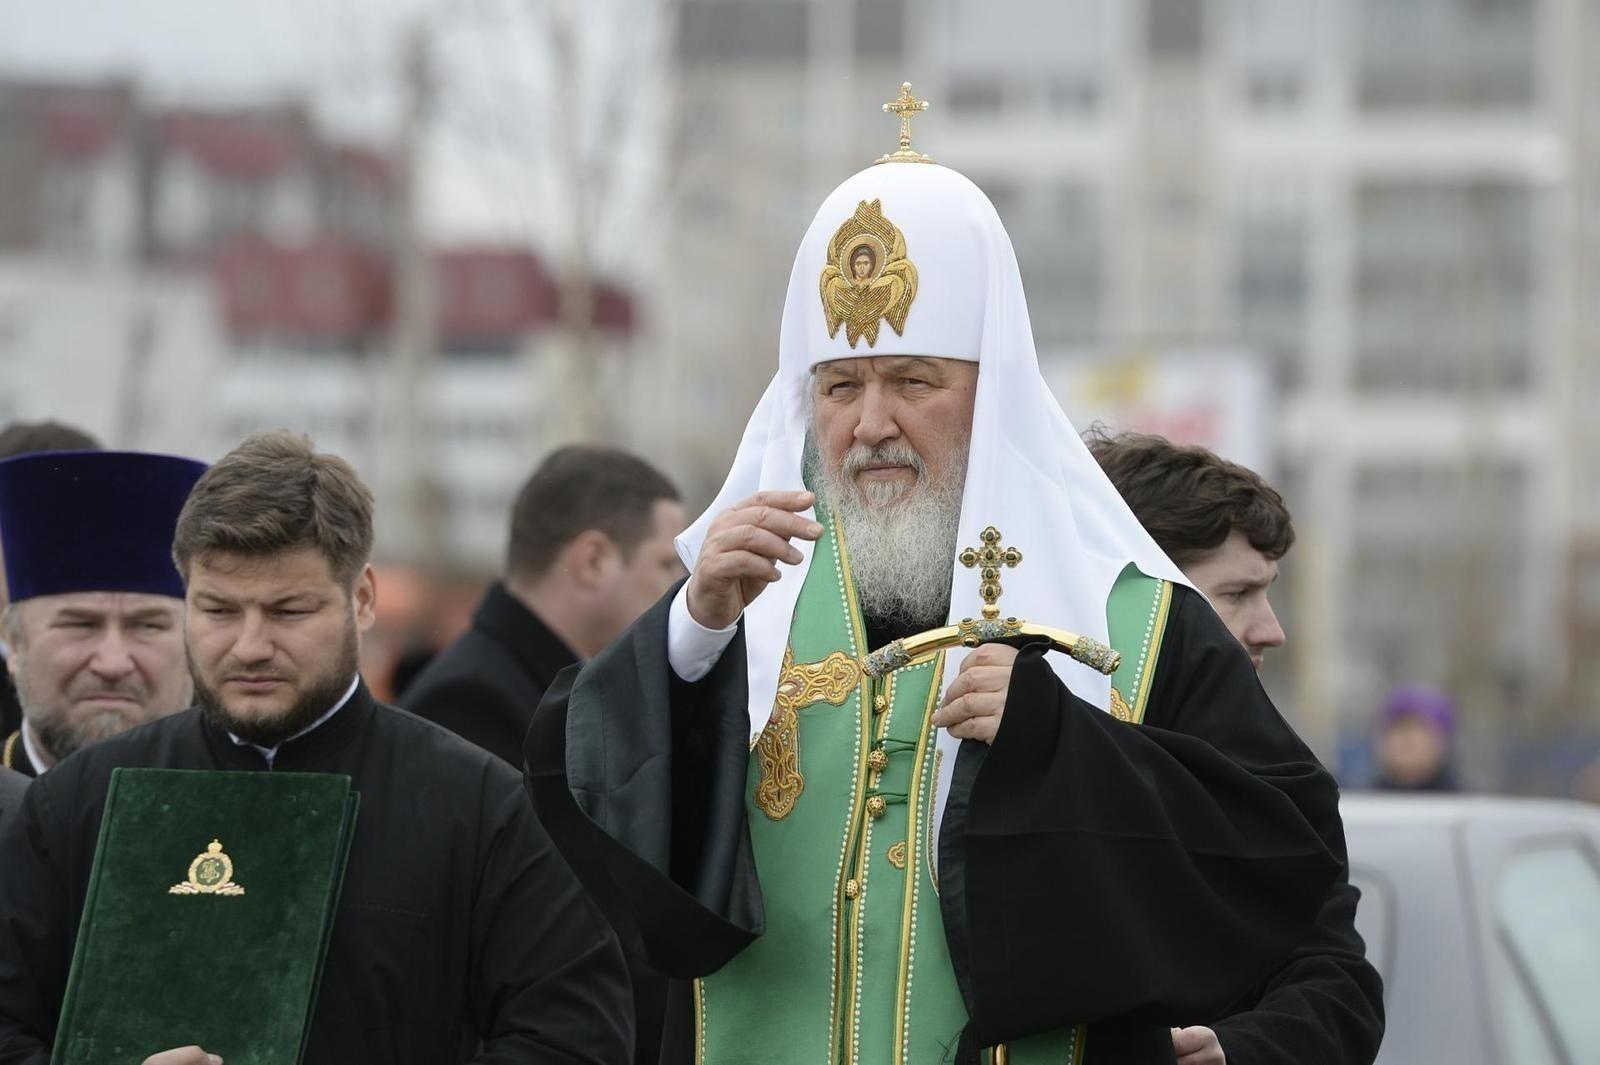 Оросын үнэн алдартны шашны тэргүүн Москва хотыг коронавирусийн аюулаас аврах залбирал үйлджээ